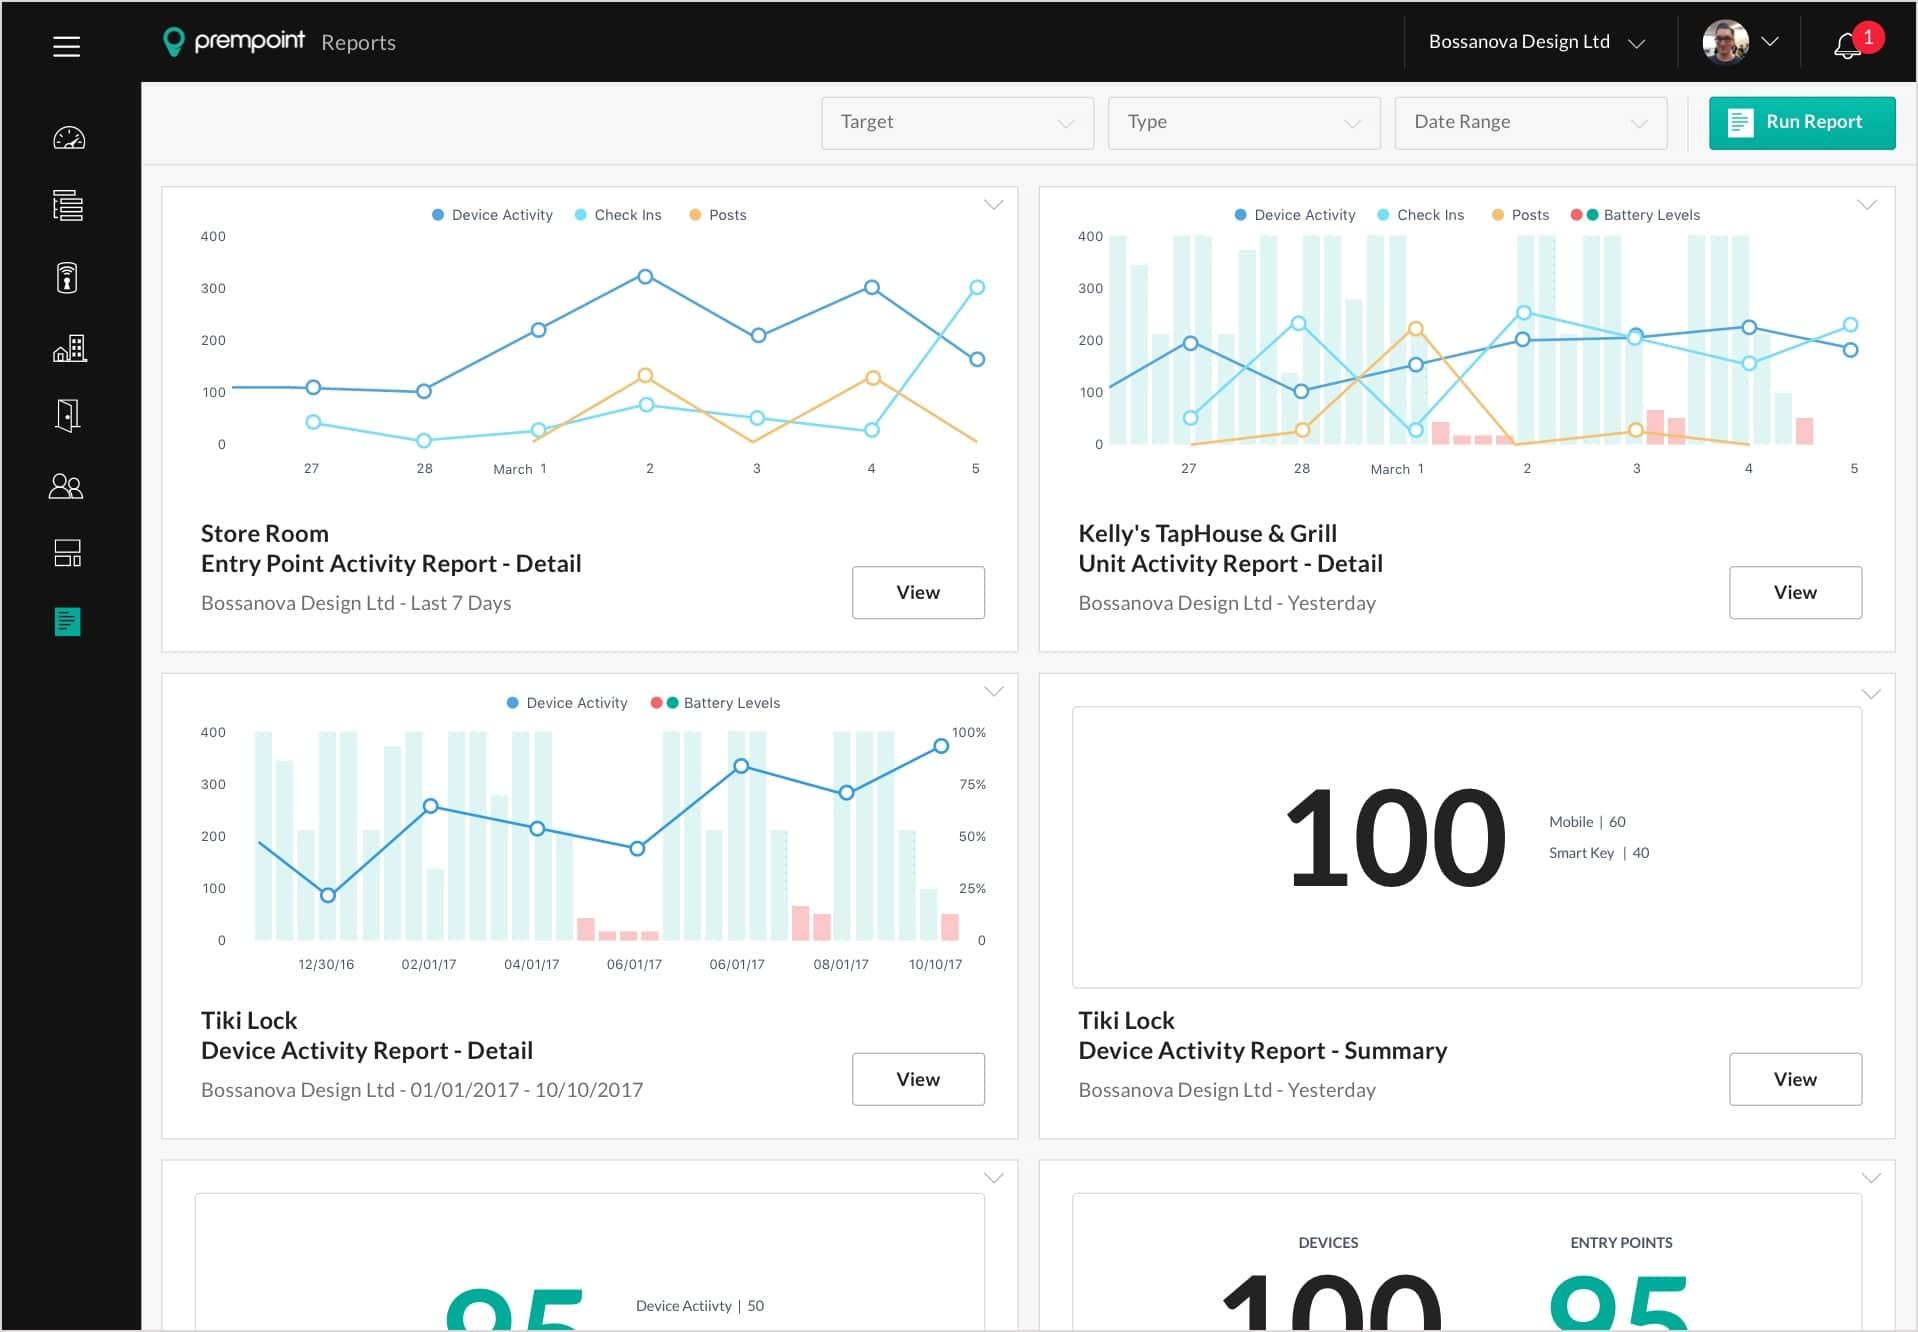 prempoint app design reports